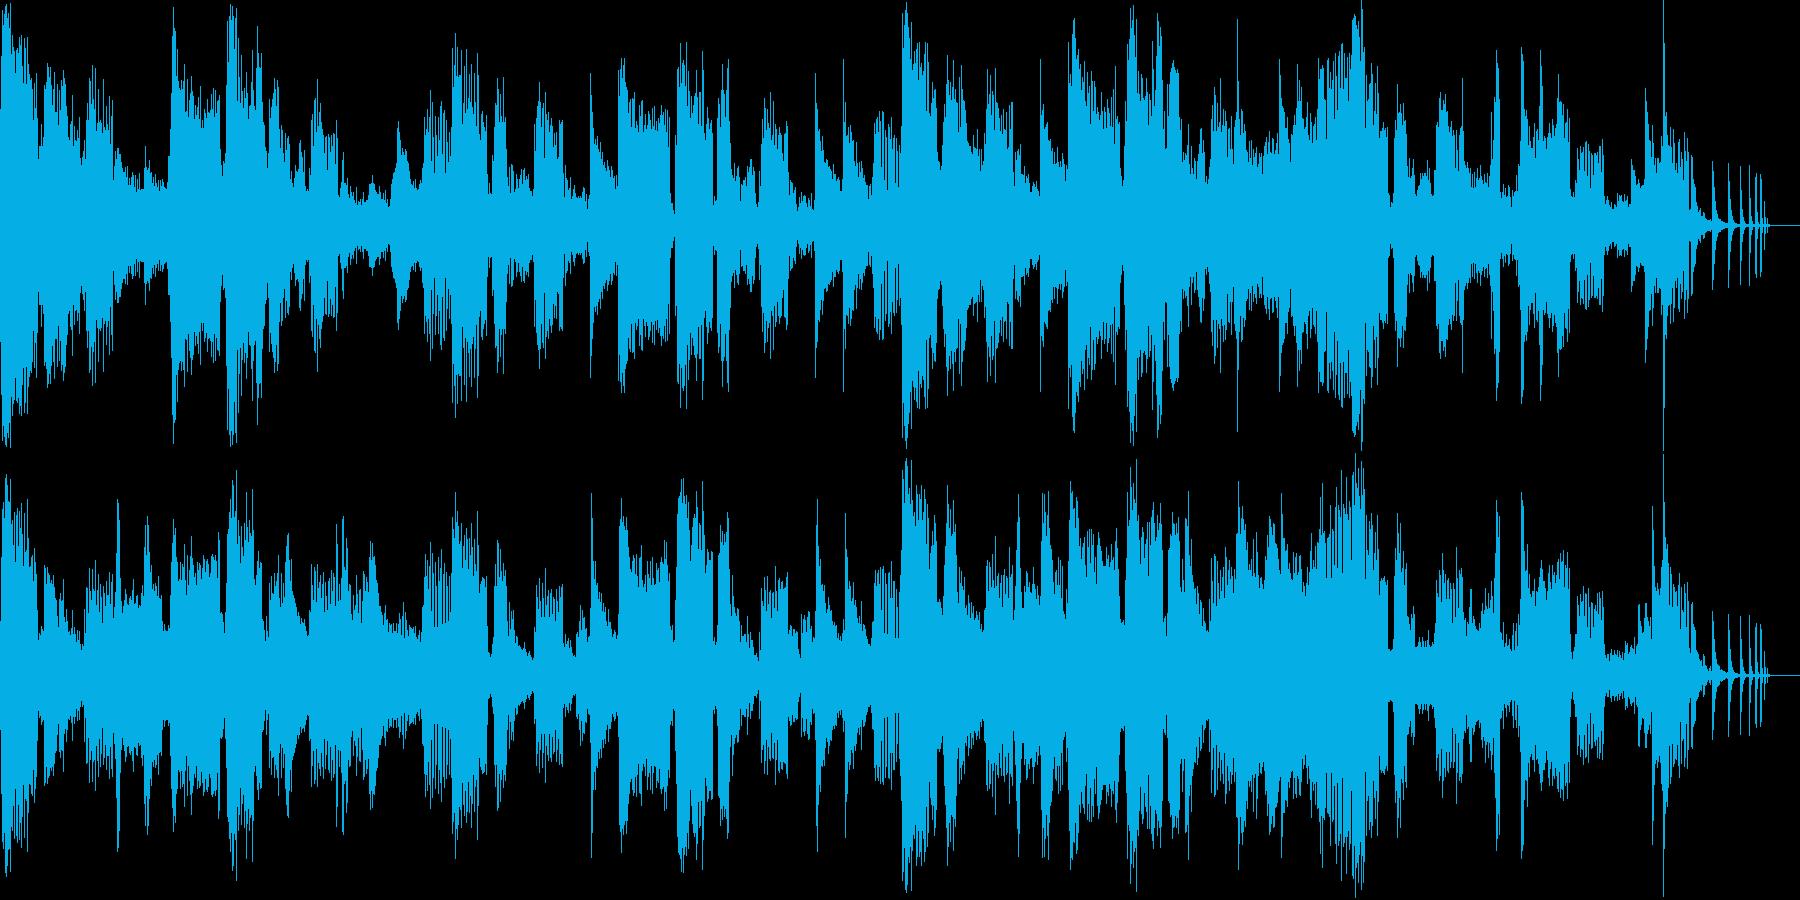 「和」のイメージと電子音で作った楽曲の再生済みの波形